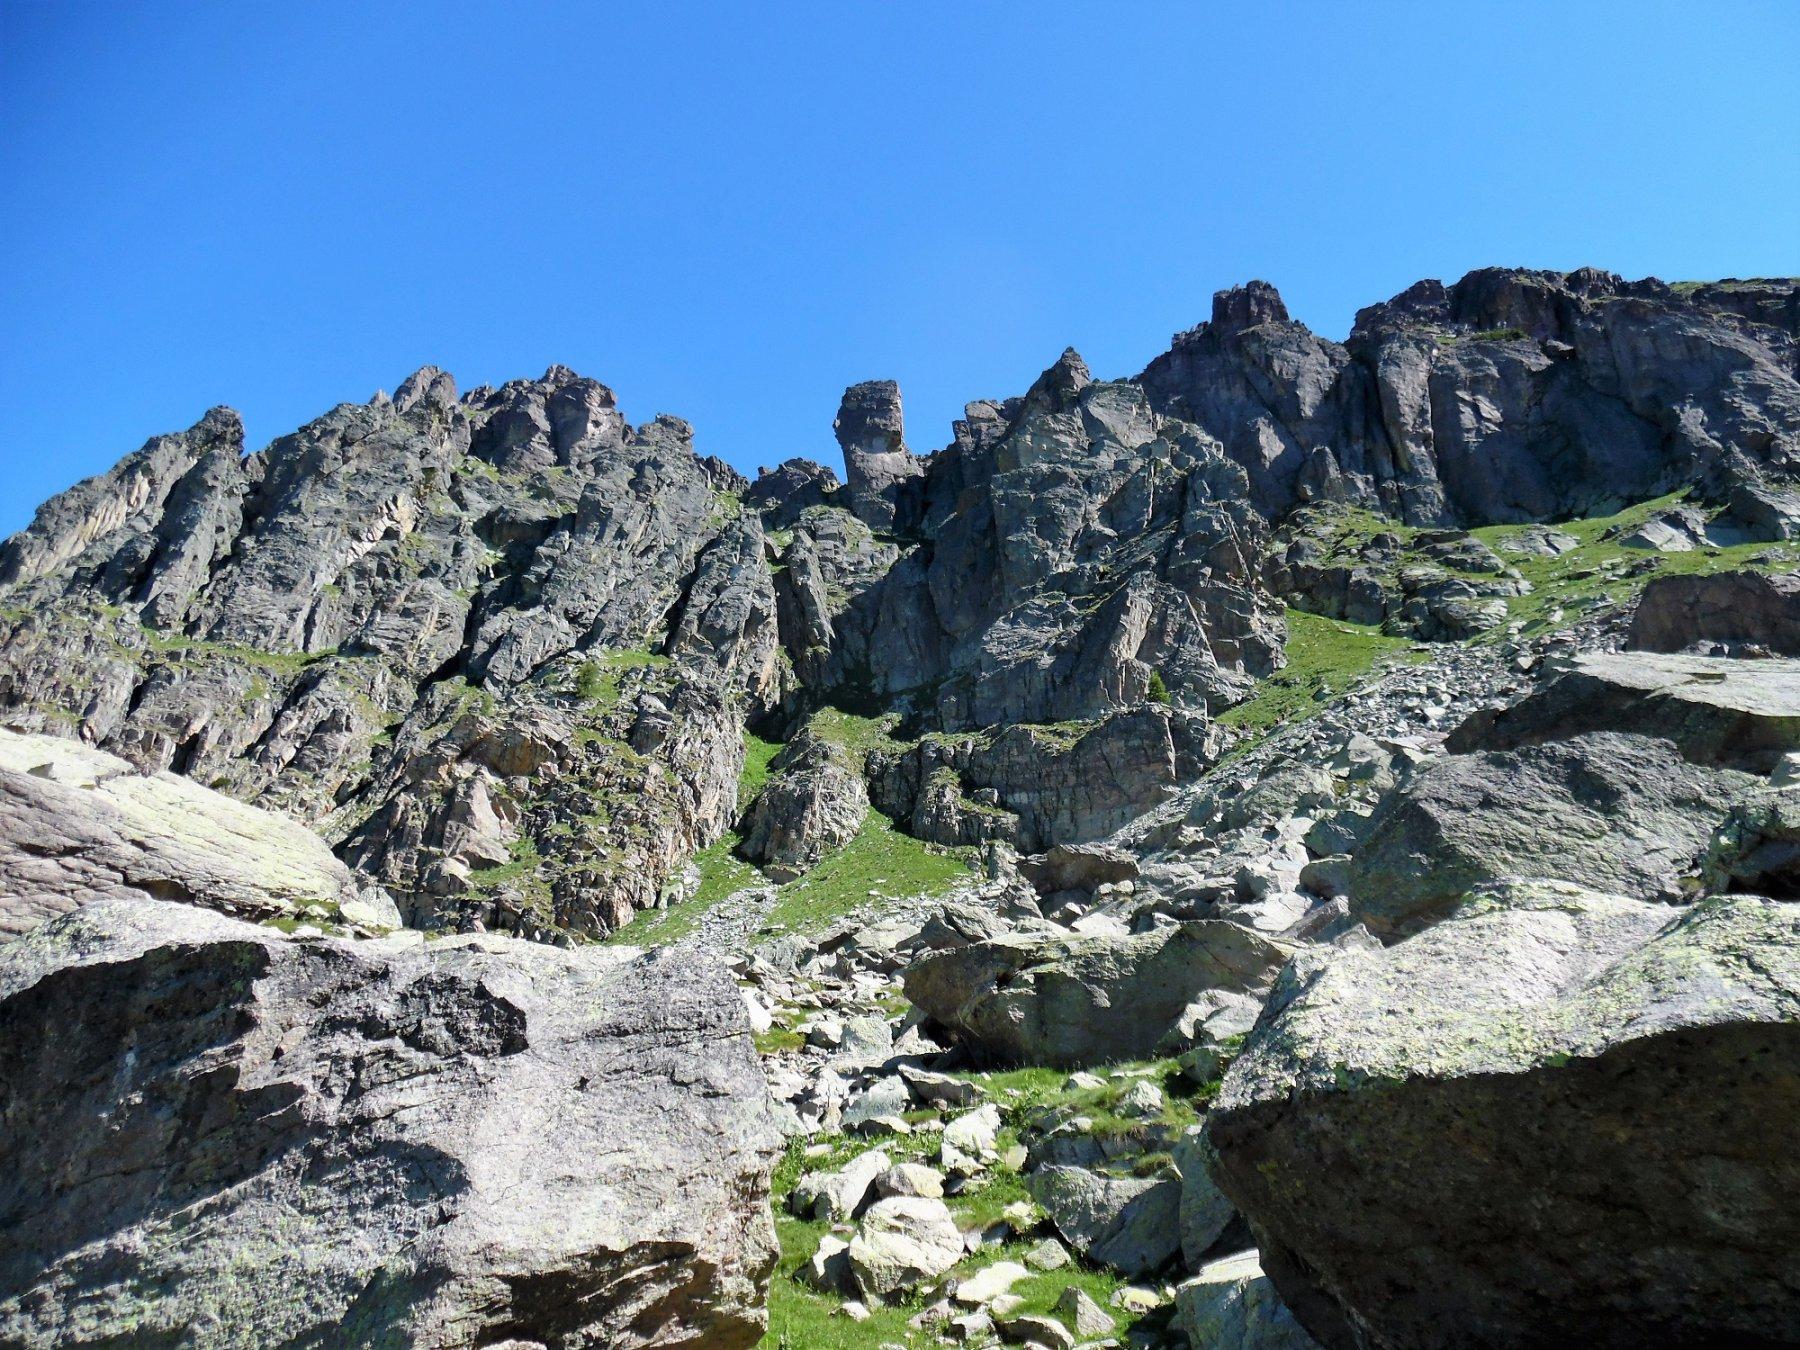 Pizzo del Becco 2503 m, torrione centrale sopra tratto attrezzato